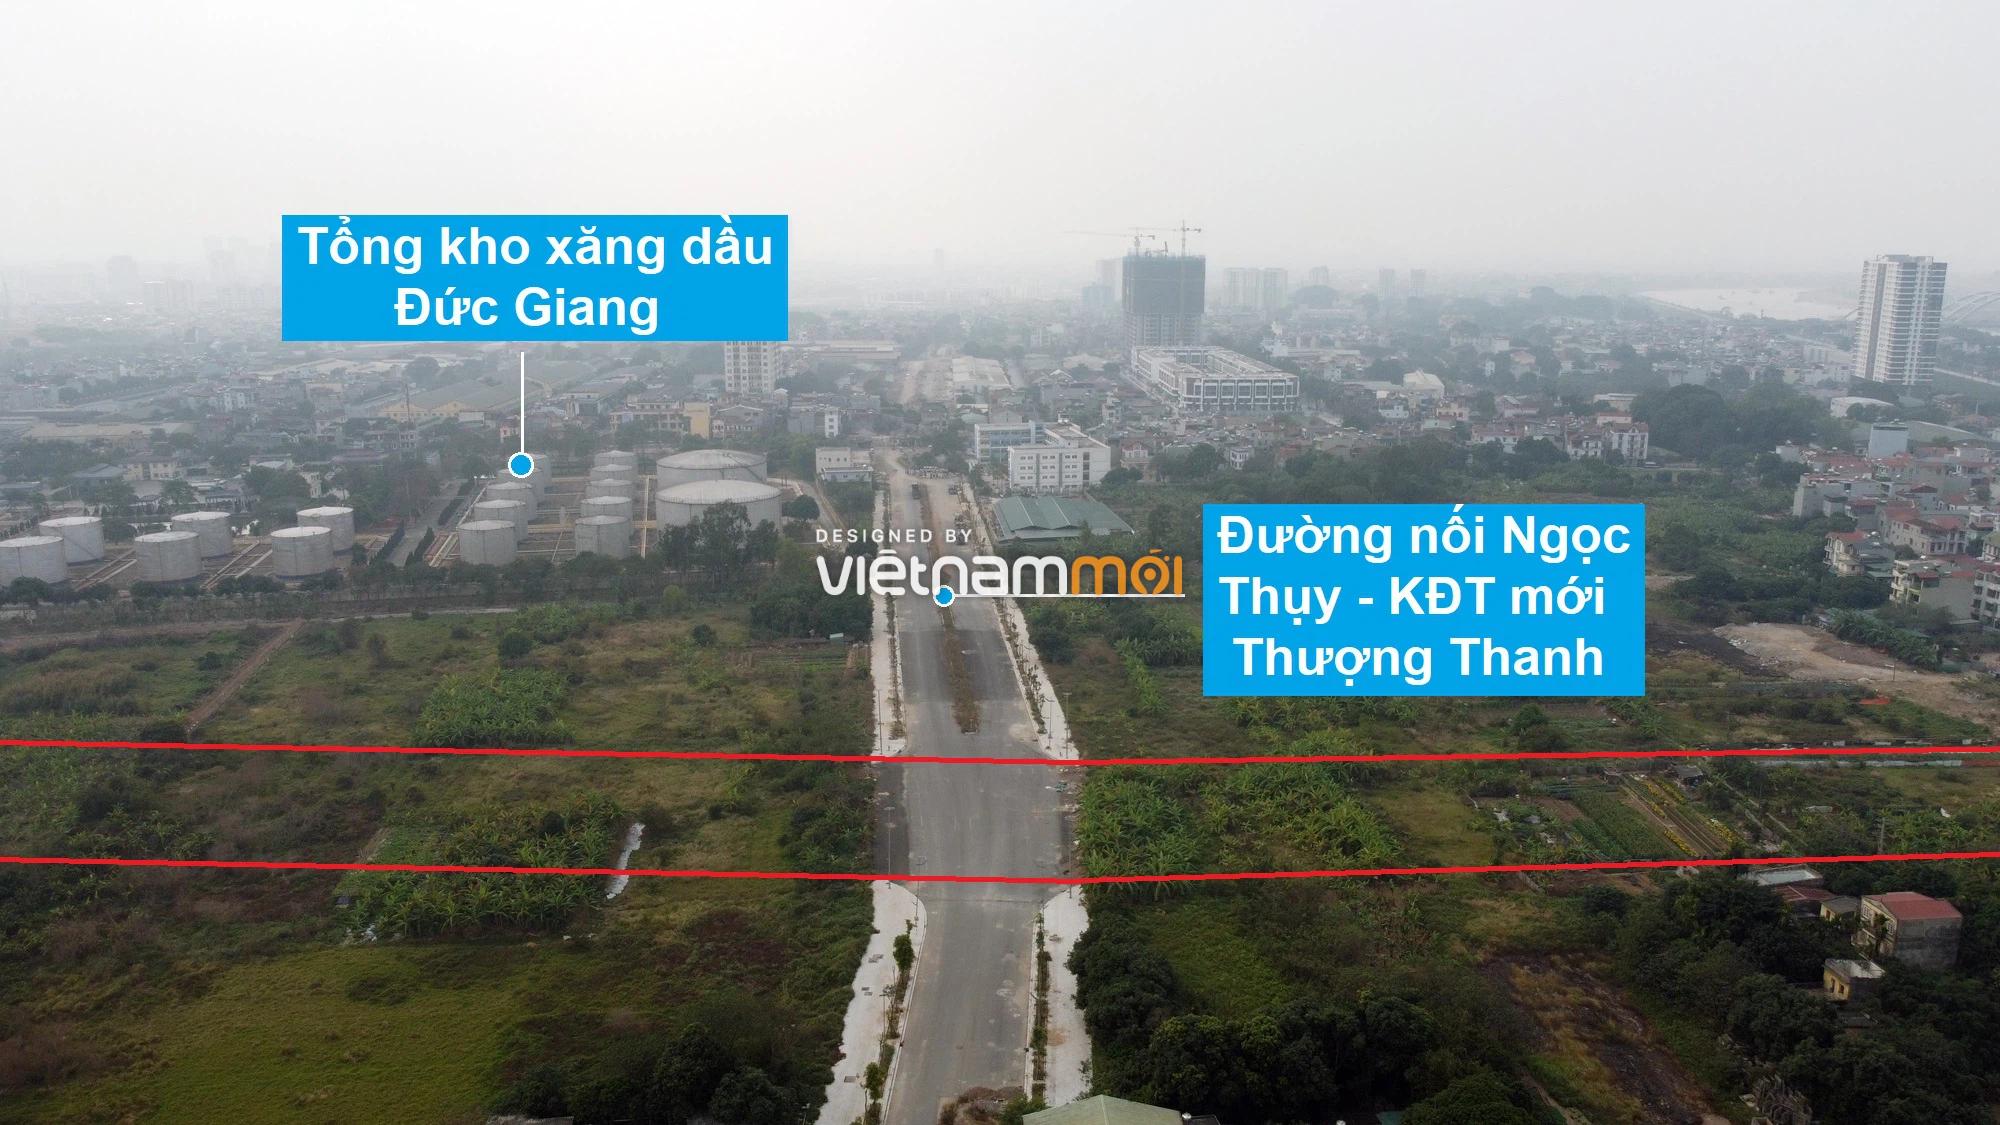 Những khu đất sắp thu hồi để mở đường ở phường Thượng Thanh, Long Biên, Hà Nội (phần 5) - Ảnh 7.